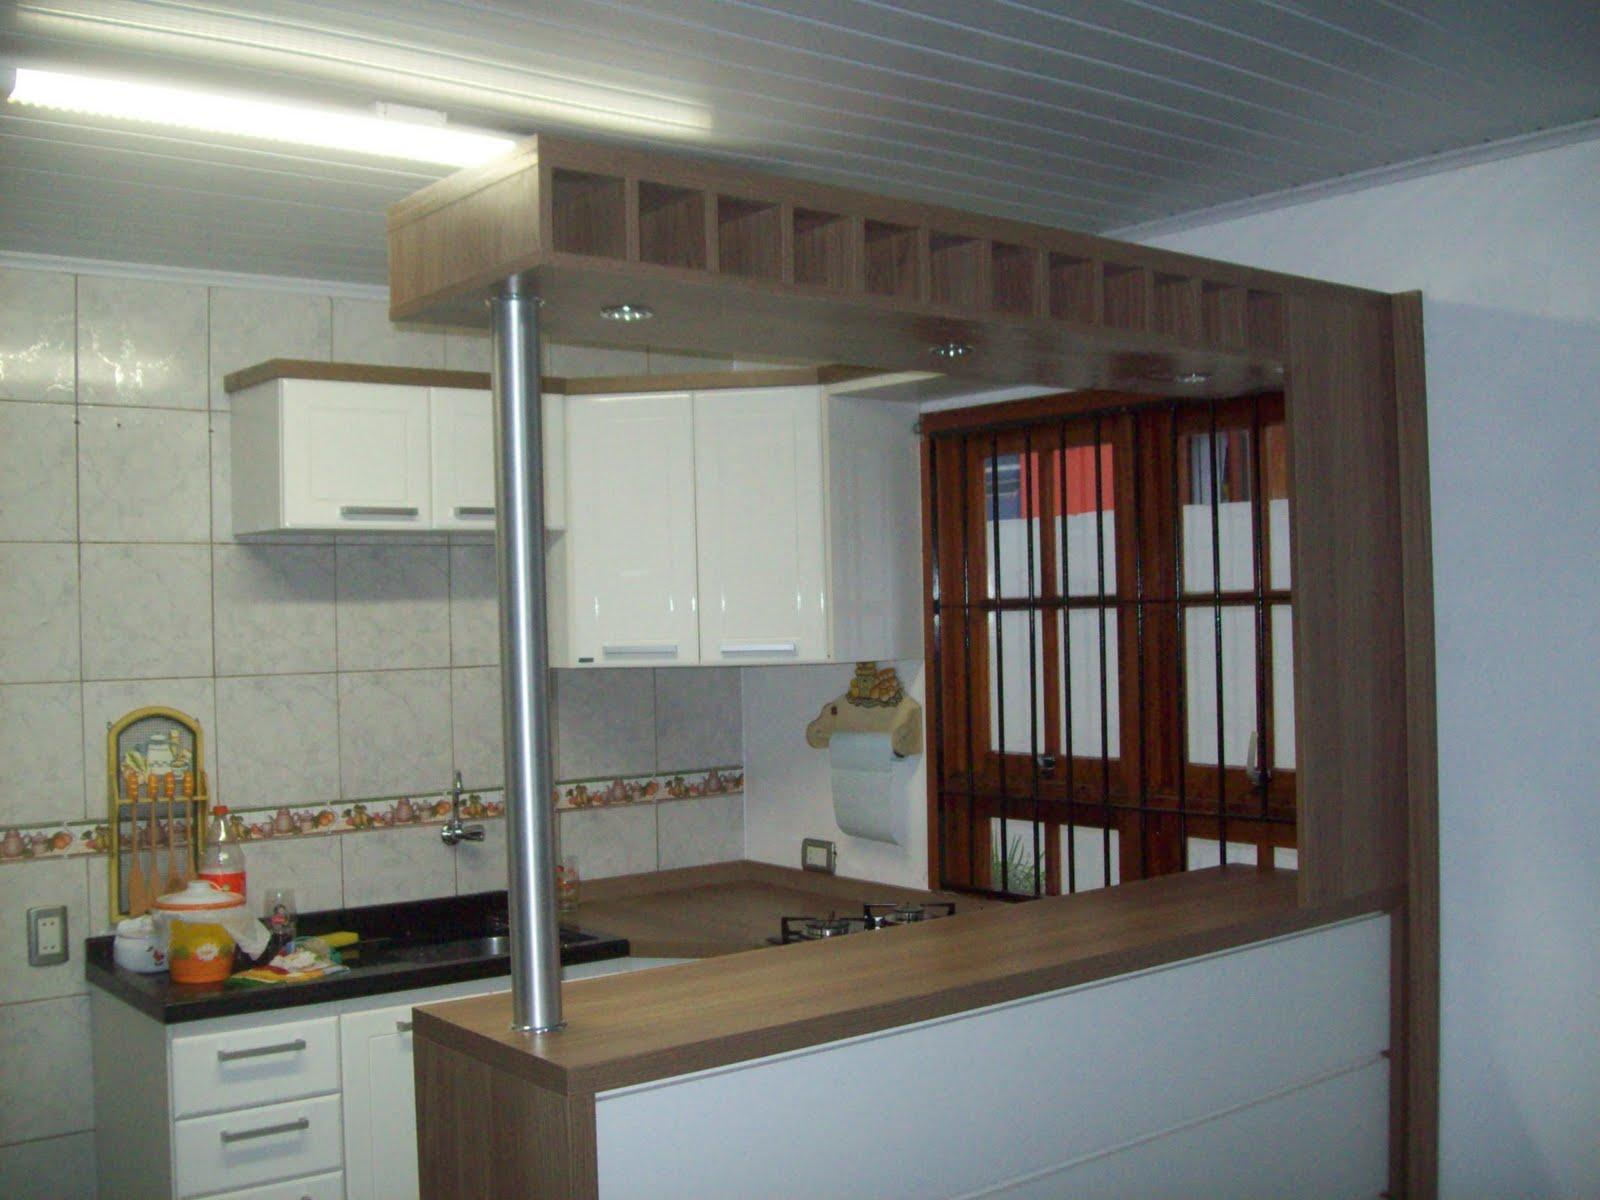 Cozinha Planejada Canoas Beyato Com V Rios Desenhos Sobre Id Ias